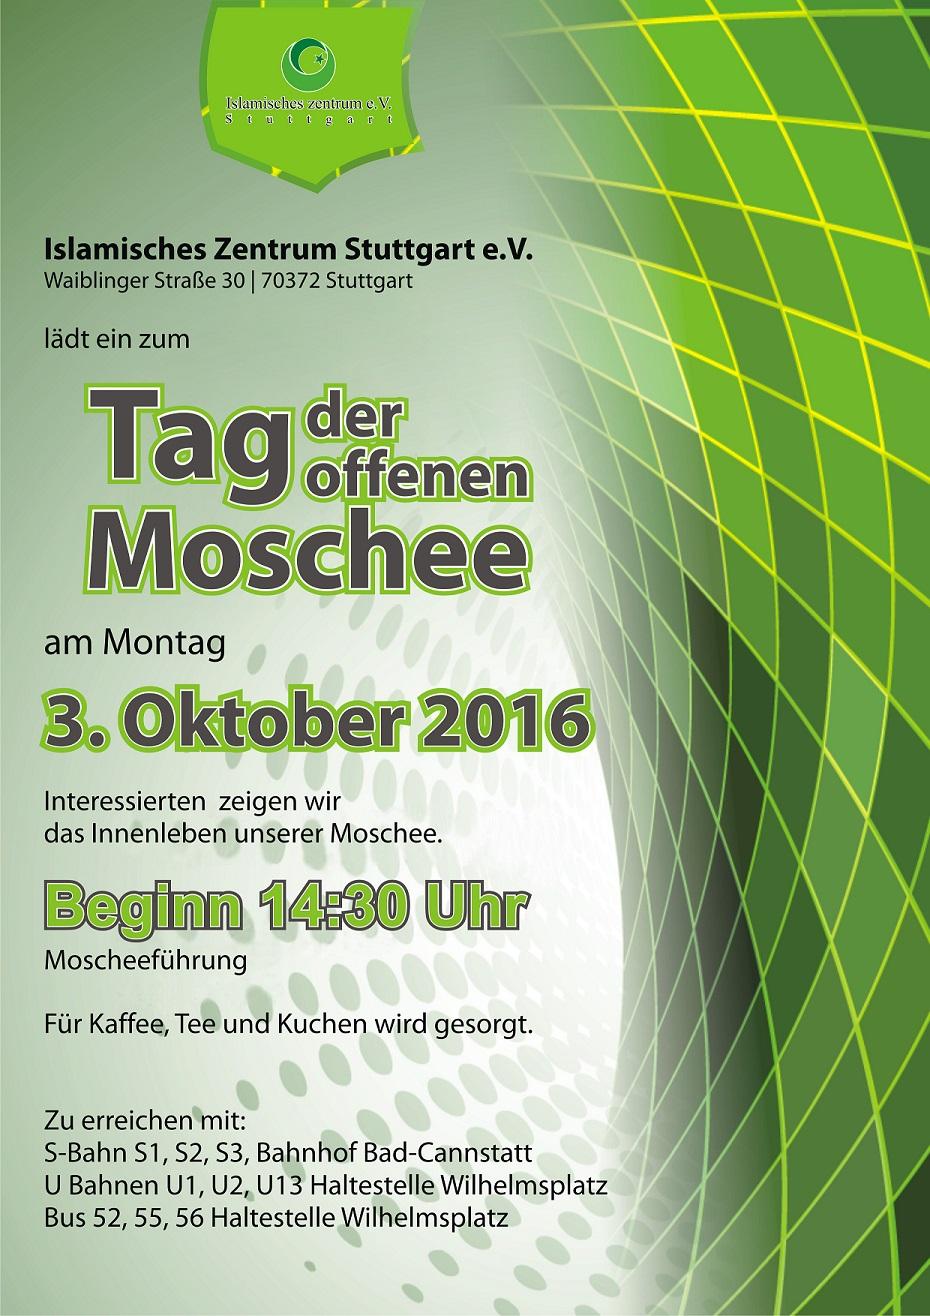 المساجد المفتوحة بألمانيا 2016